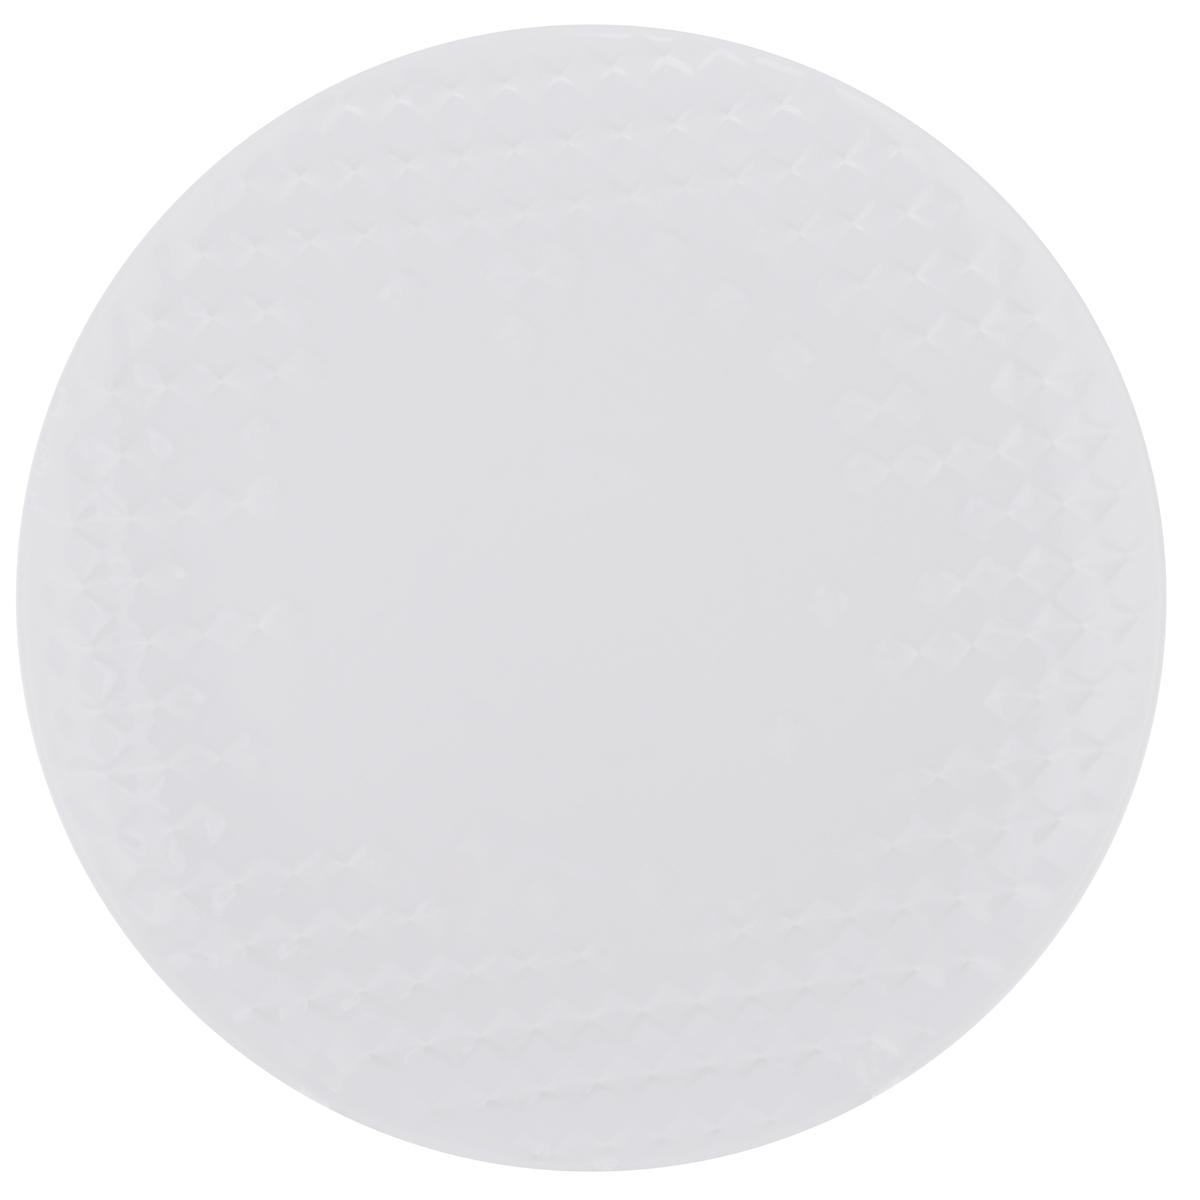 Тарелка обеденная Walmer Sapphire, диаметр 25,5 смW07430026Тарелка обеденная Walmer Sapphire изготовлена из фарфора белого цвета. Предназначена длякрасивой подачи различных блюд. Изделие декорировано необычным рельефом. Такая тарелка украсит сервировку стола и подчеркнет прекрасный вкус хозяйки.Не применять абразивные чистящие средства. Диаметр: 25,5 см.Высота: 2,5 см.